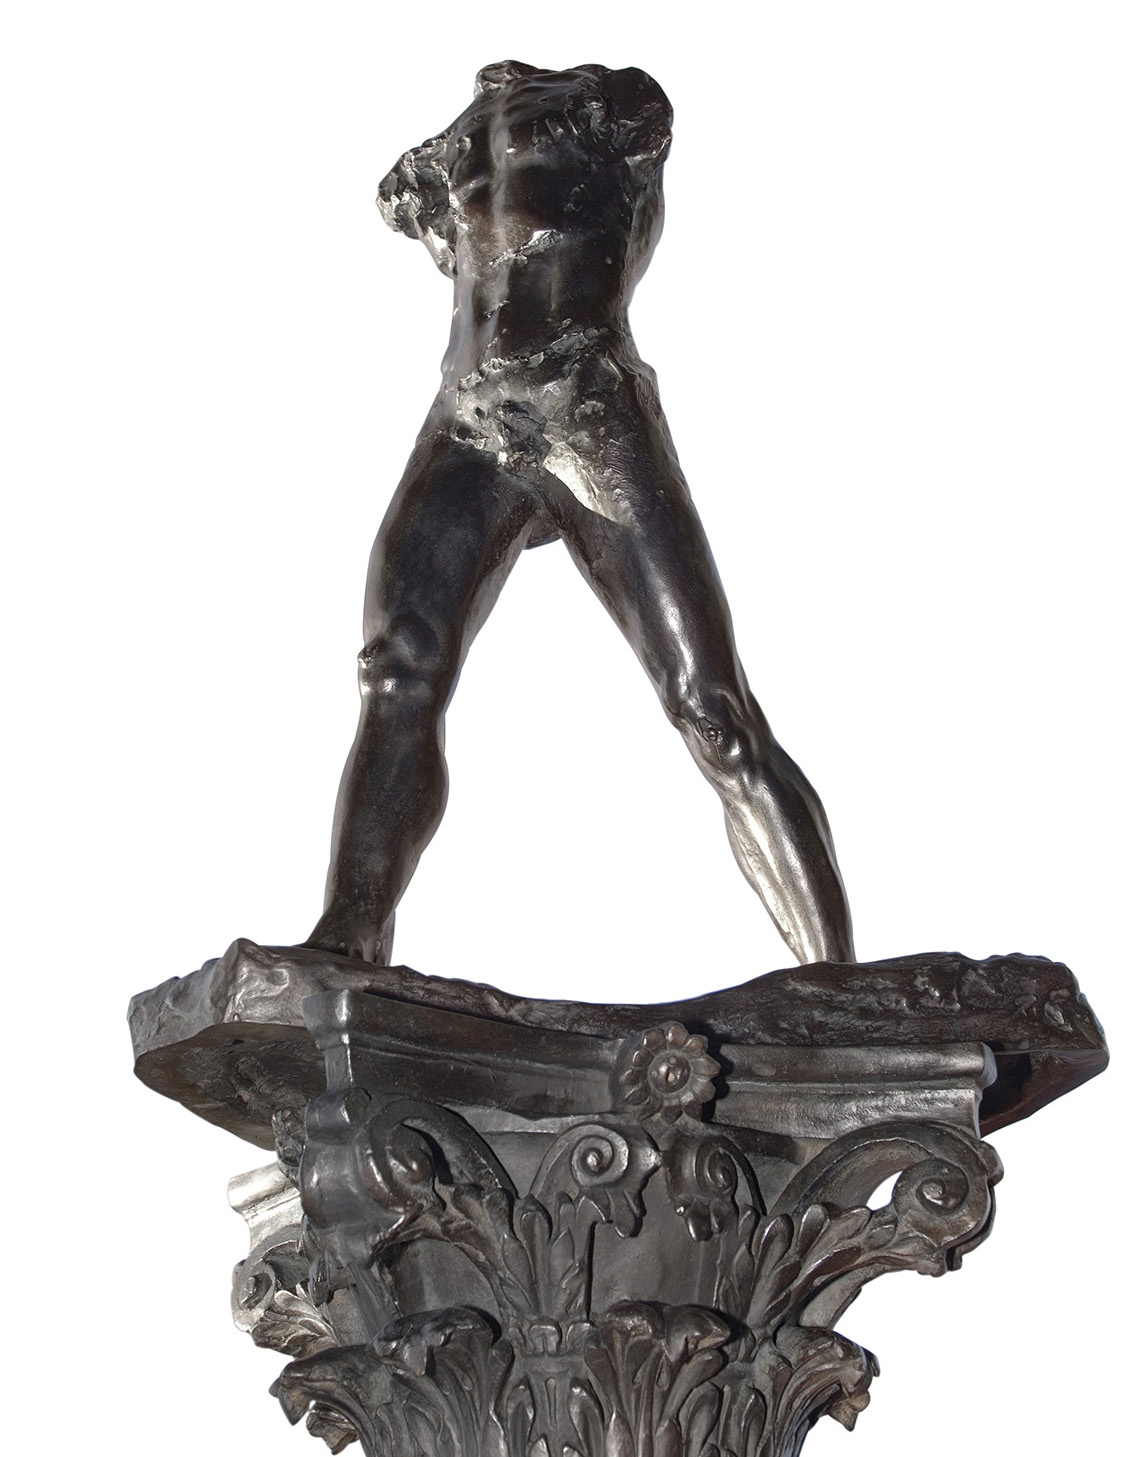 L'homme qui marche sur colonne, jardin de Meudon. Agence photographique du musée Rodin